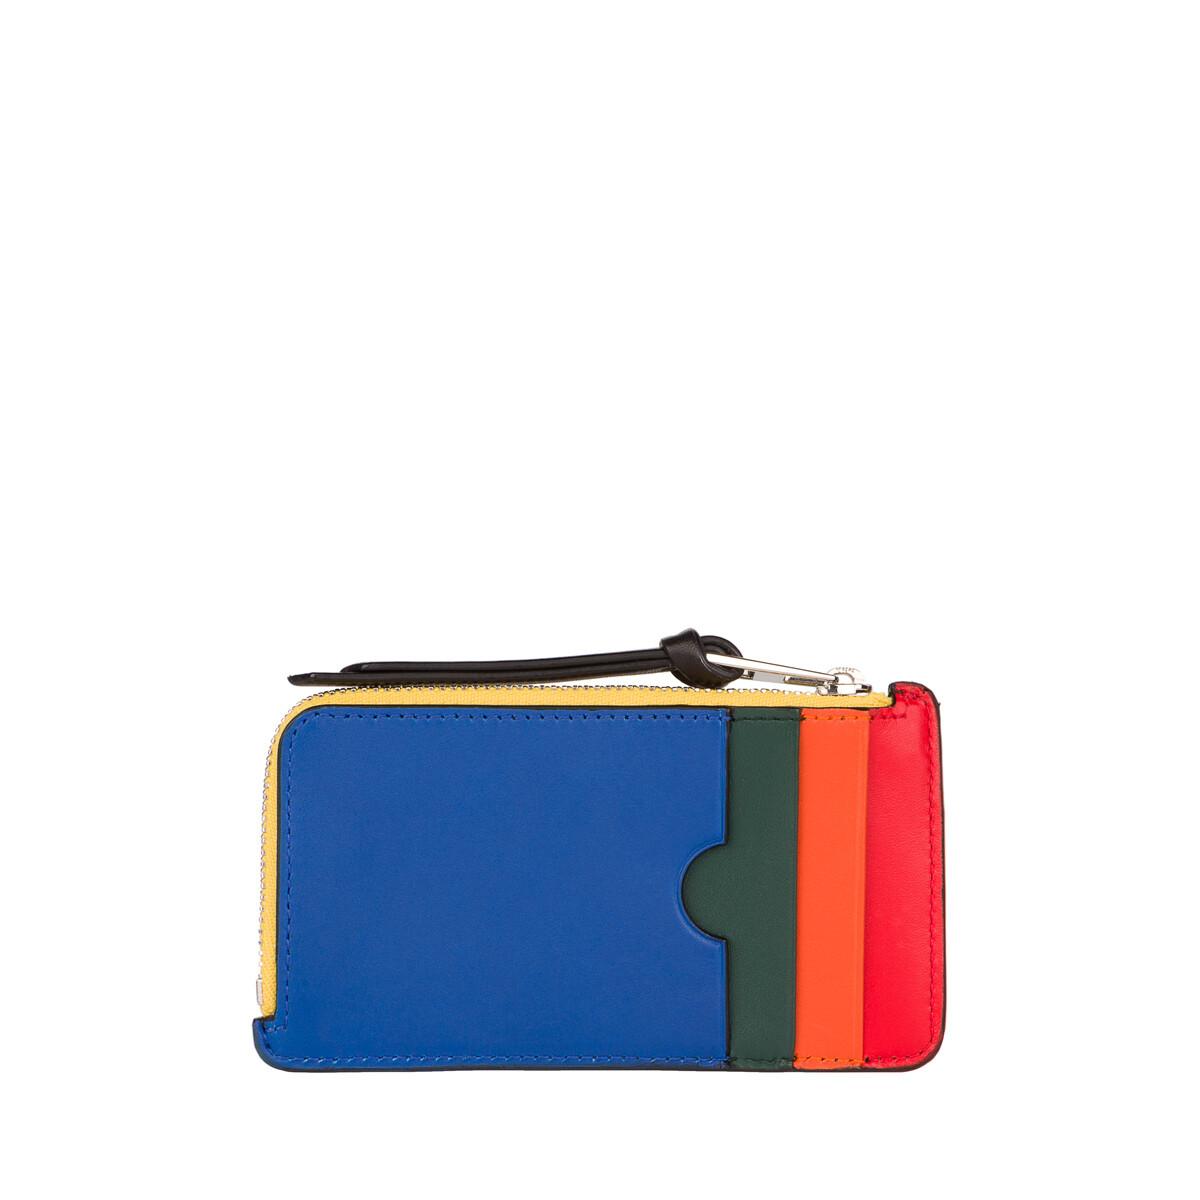 LOEWE Tarjetero C/ Monedero Rainbow Multicolor/Negro front